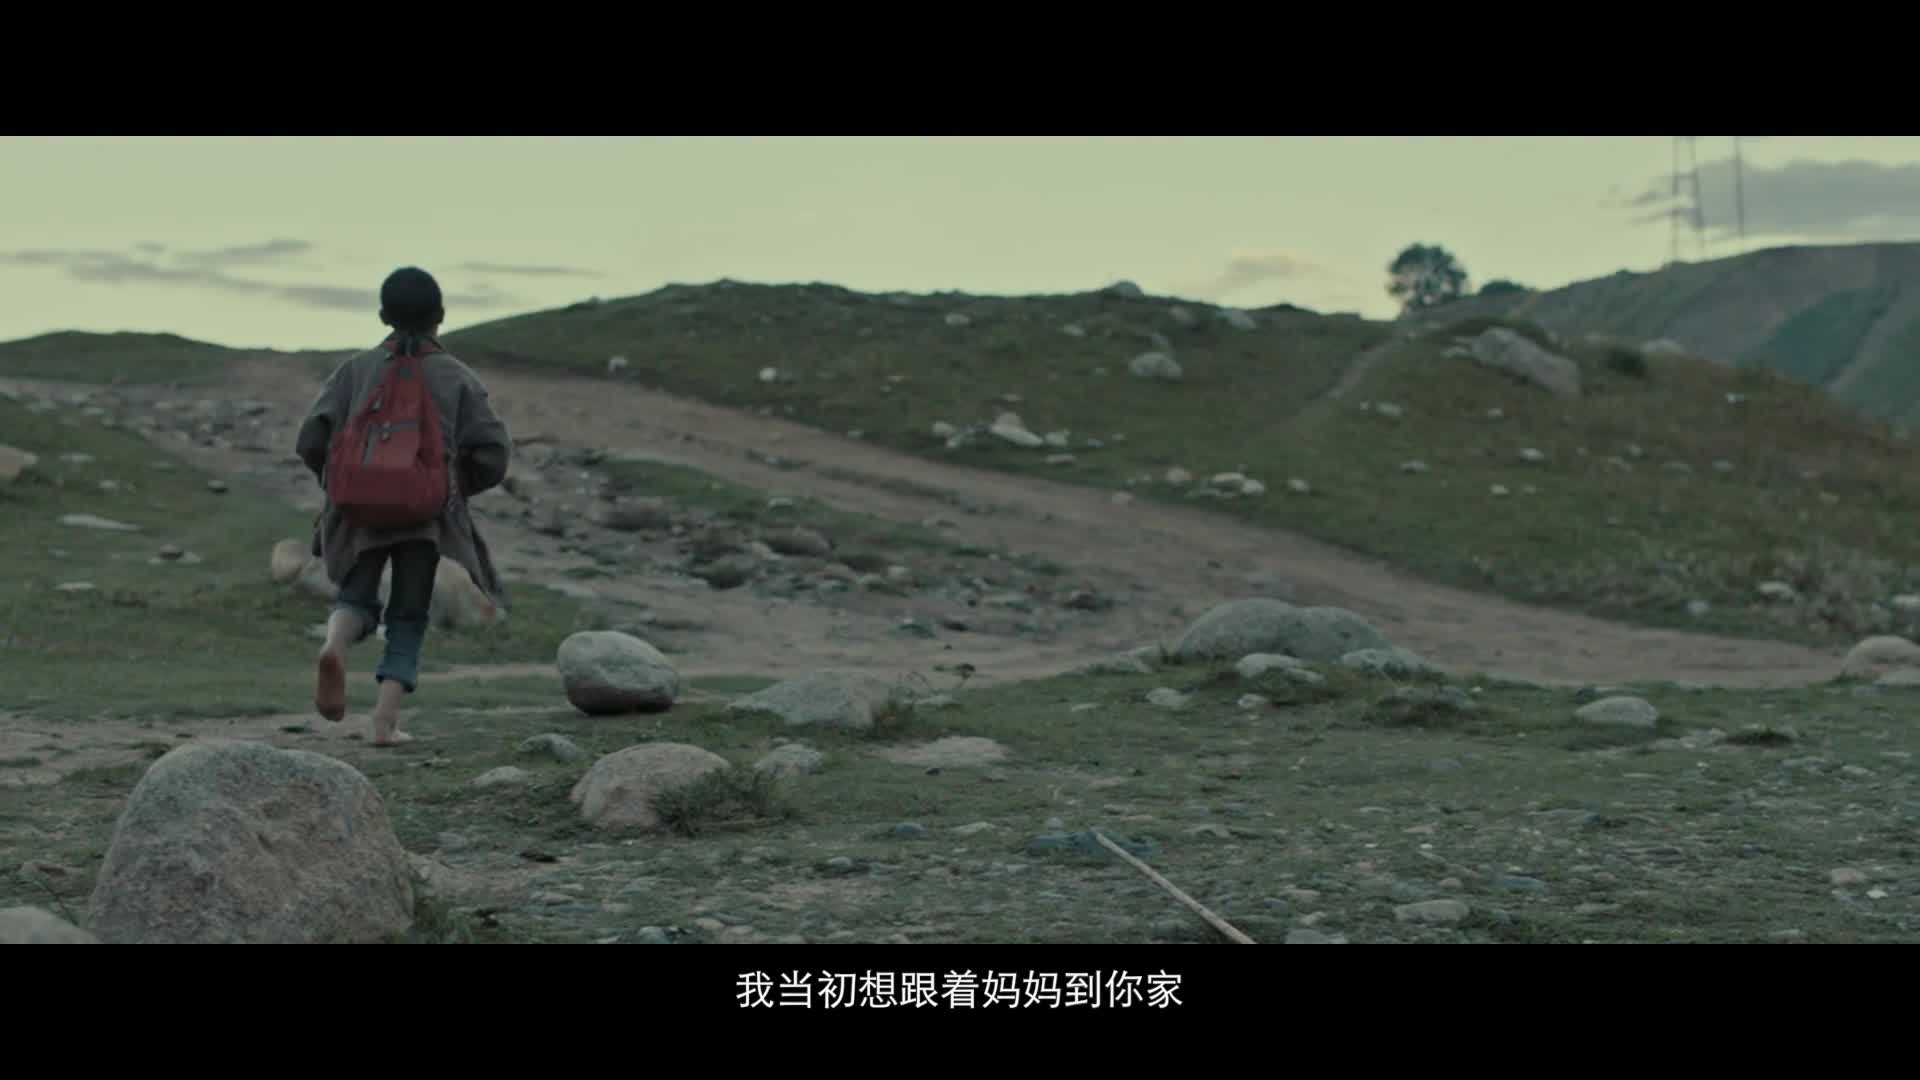 藏语电影《阿拉姜色》曝终极预告10.26见证叛逆少年变形记